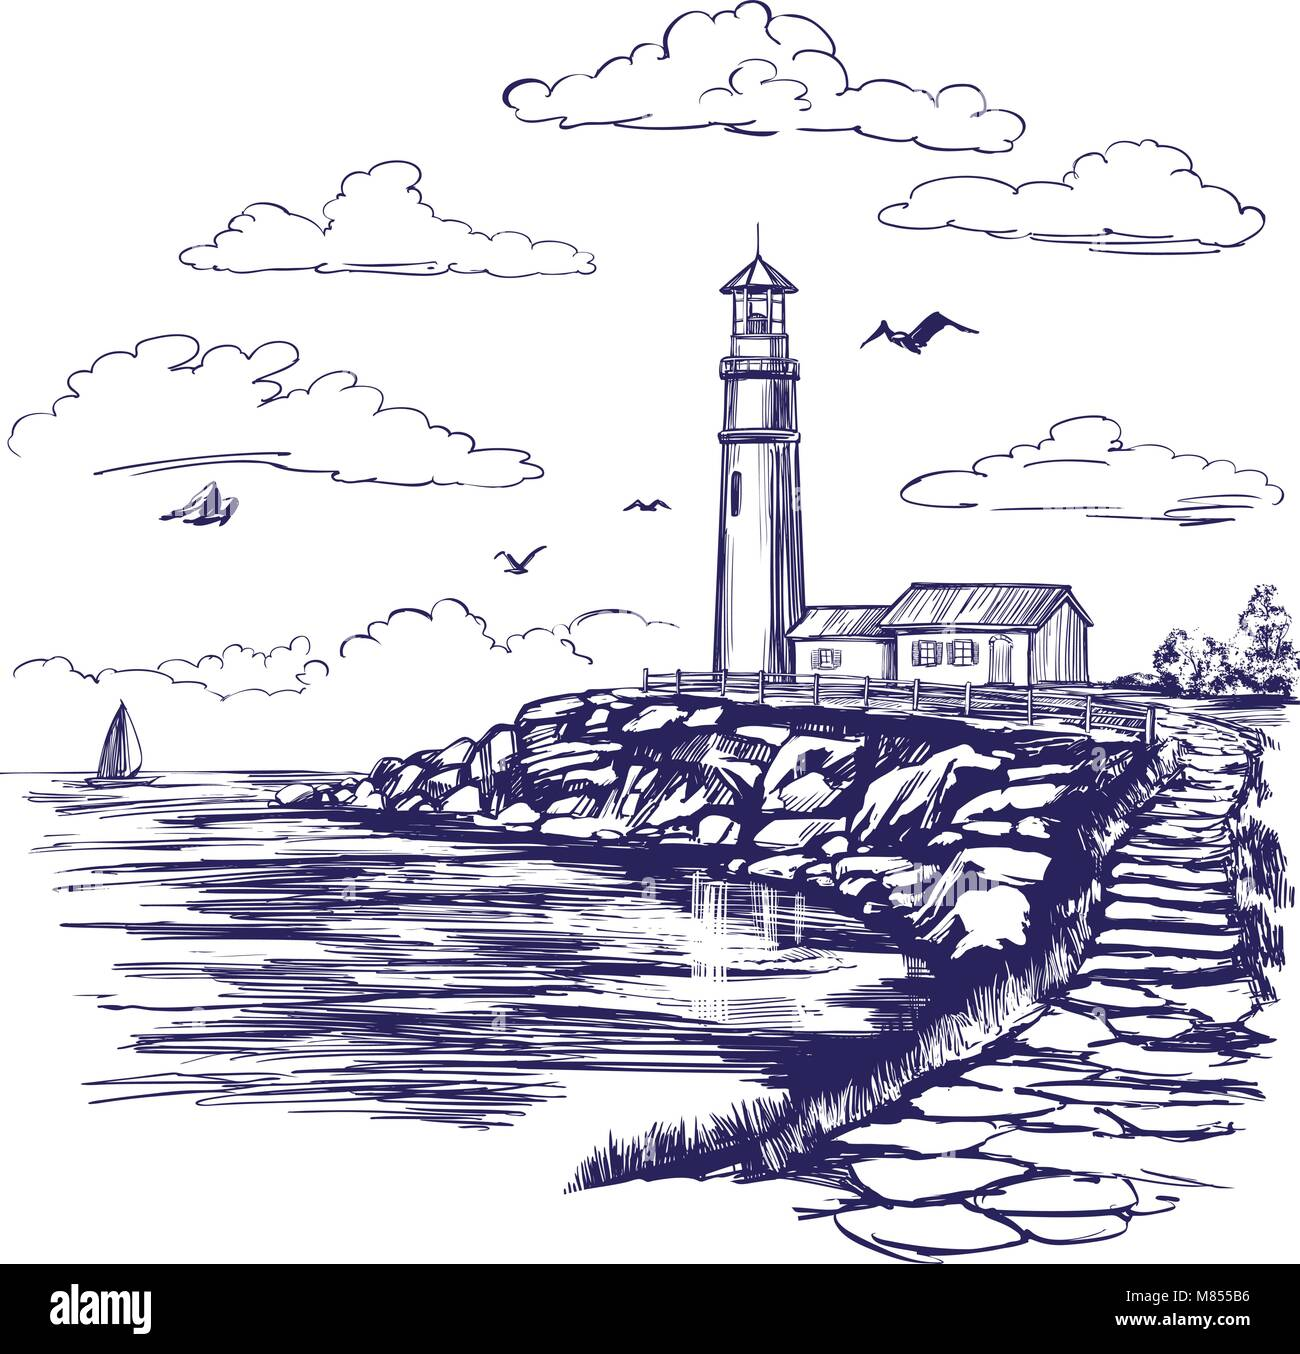 Faro Y El Paisaje Del Mar Dibujadas A Mano Ilustracion Vectorial